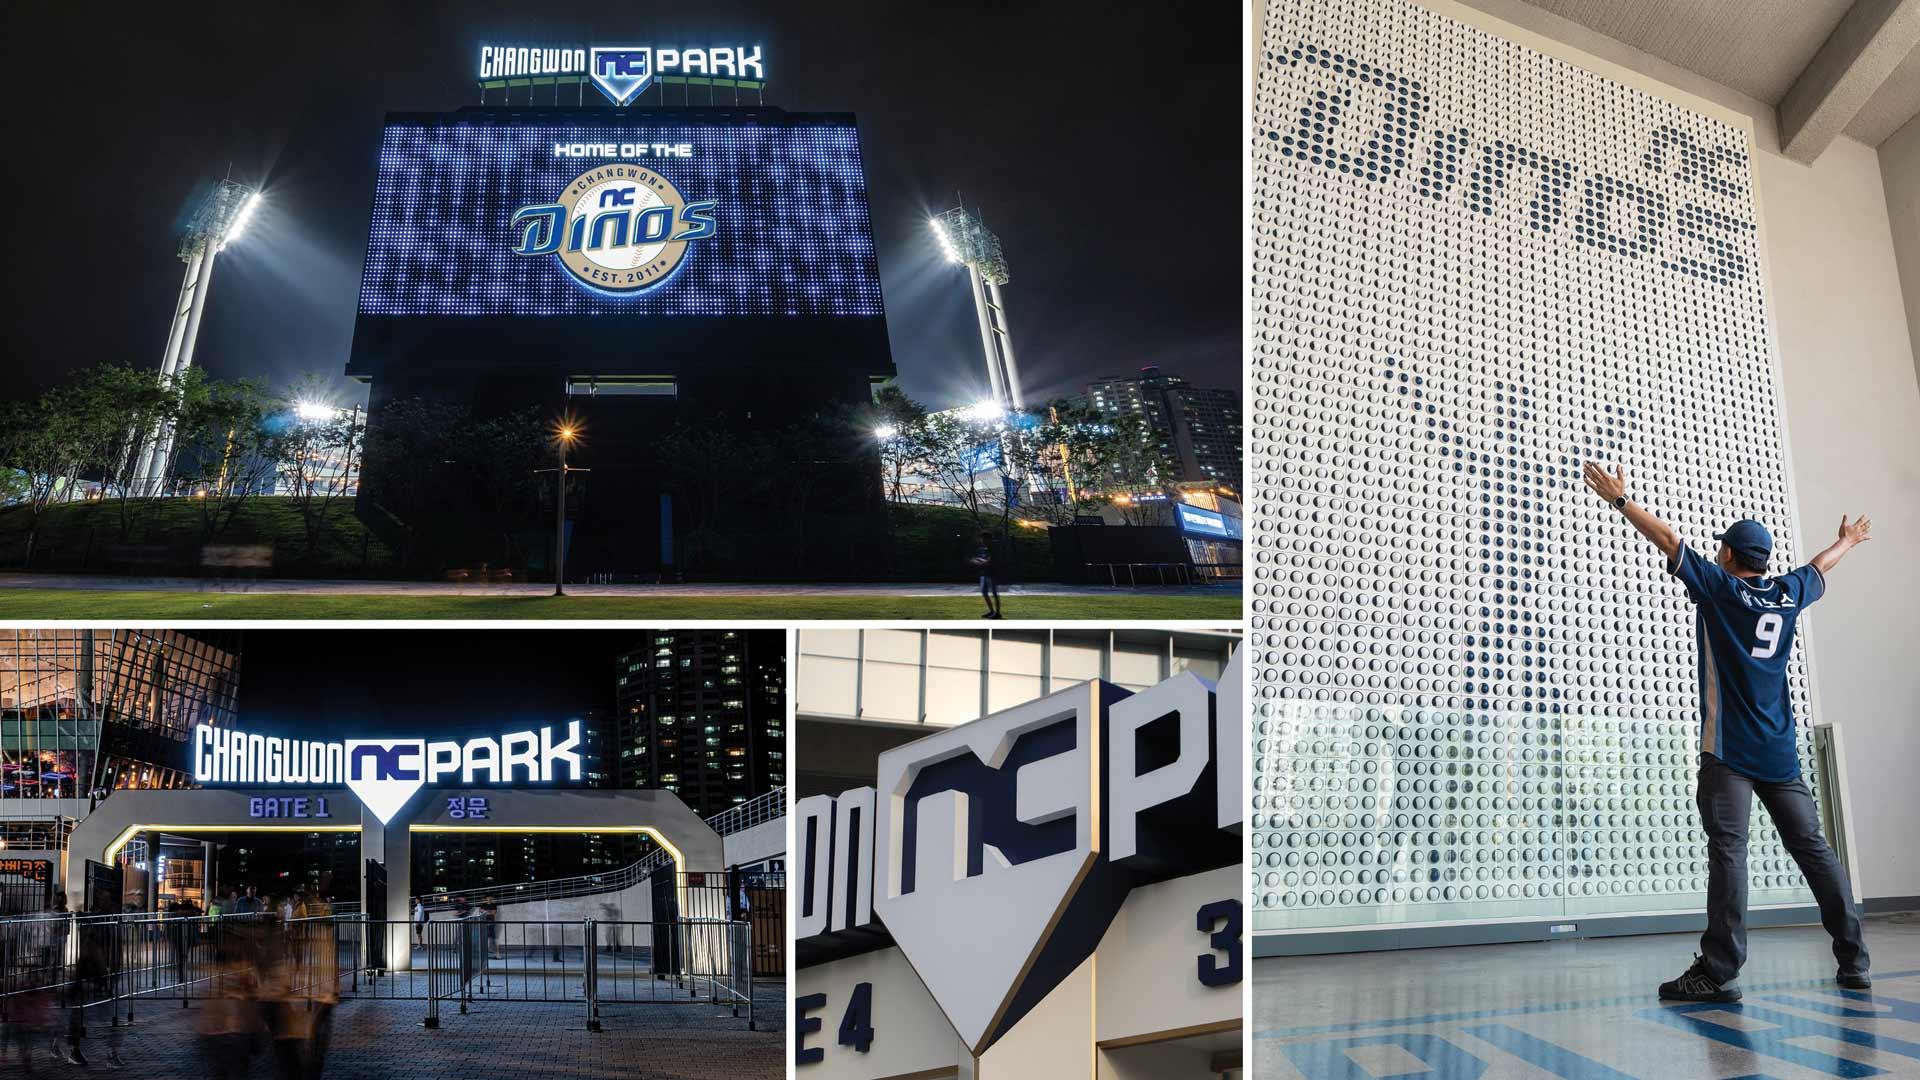 branding for baseball stadium